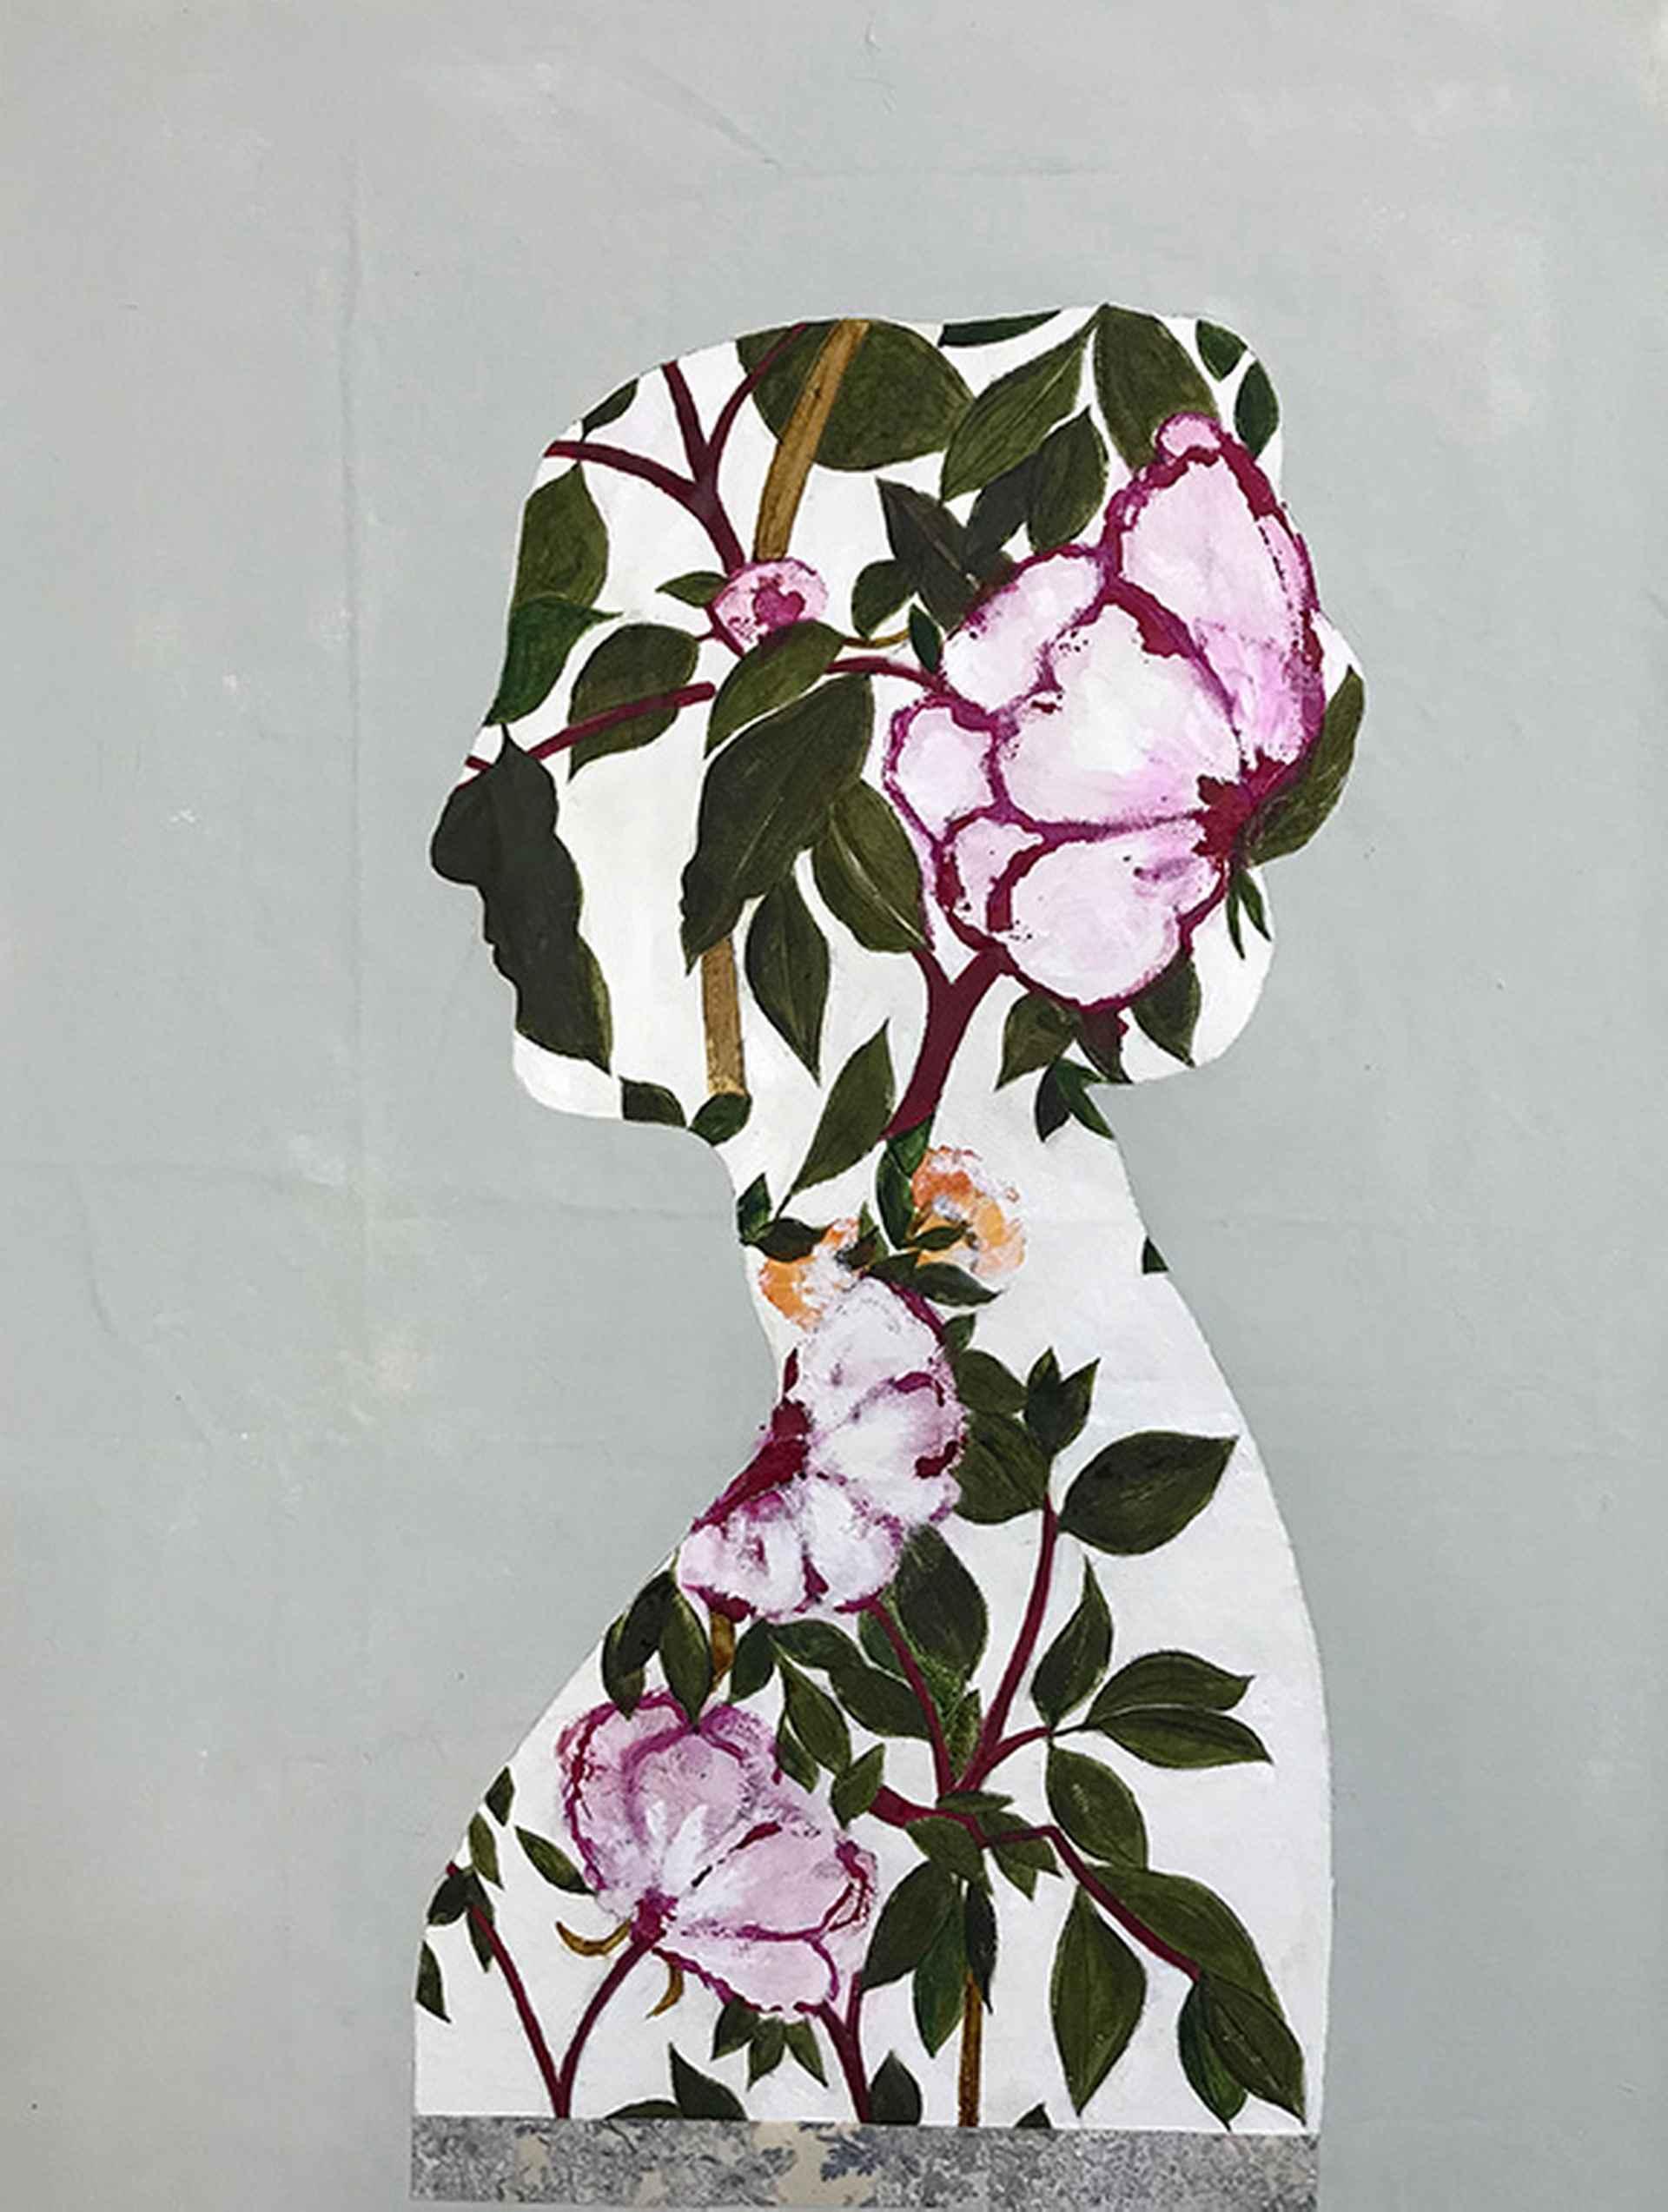 English Garden II by Karenina Fabrizzi